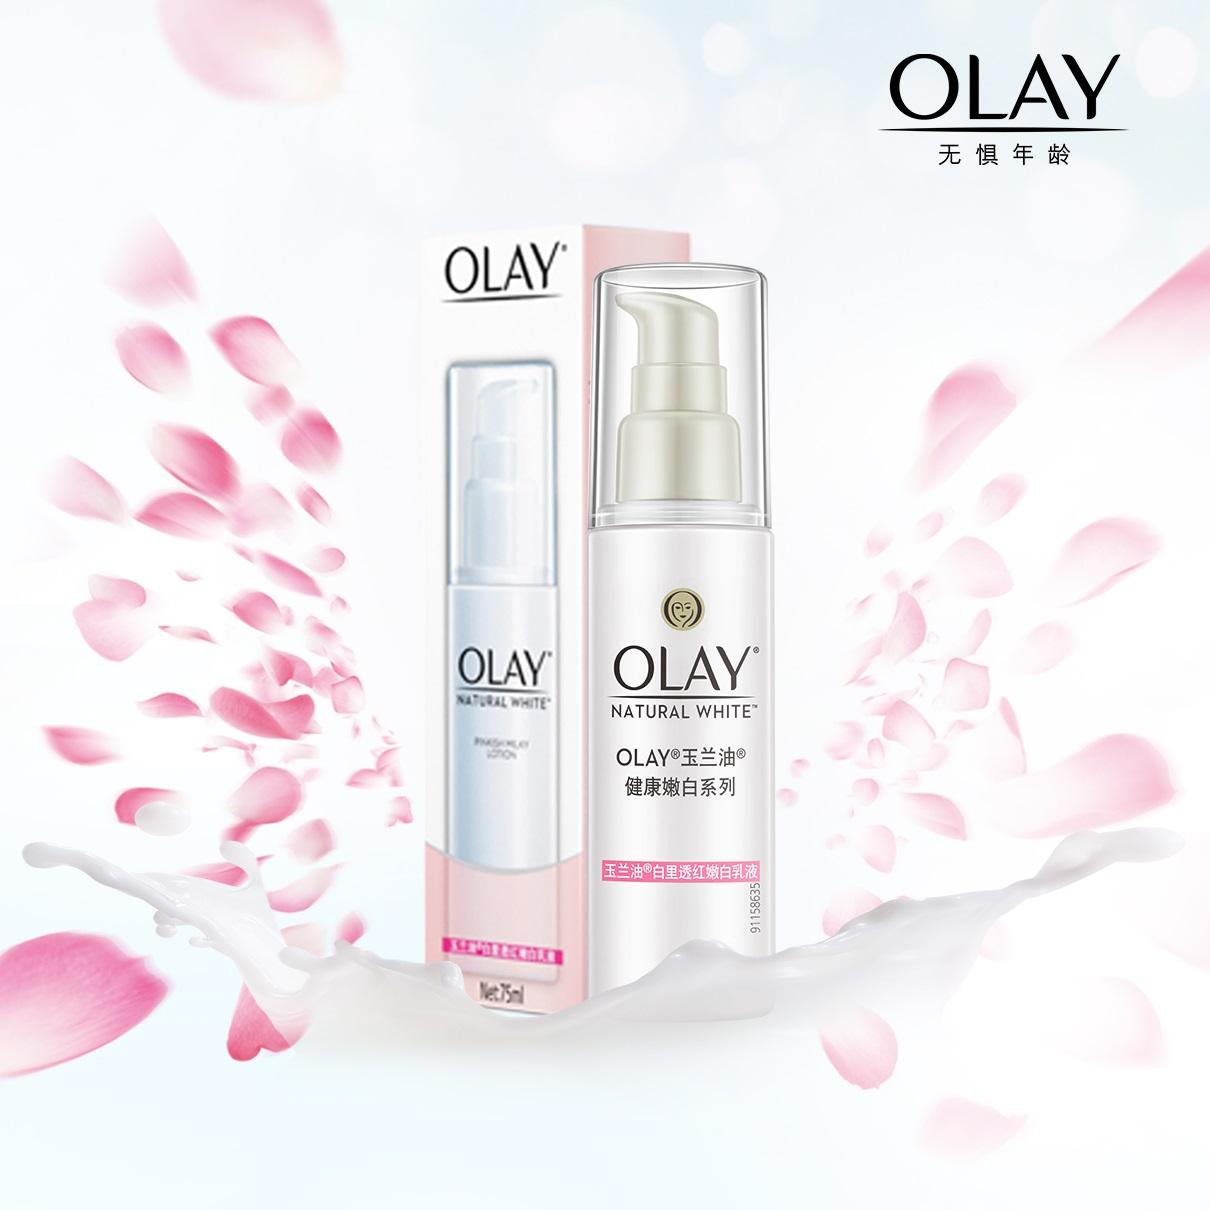 OLAY白里透红嫩白乳液 帮助改善多种肌肤问题,轻柔嫩肤